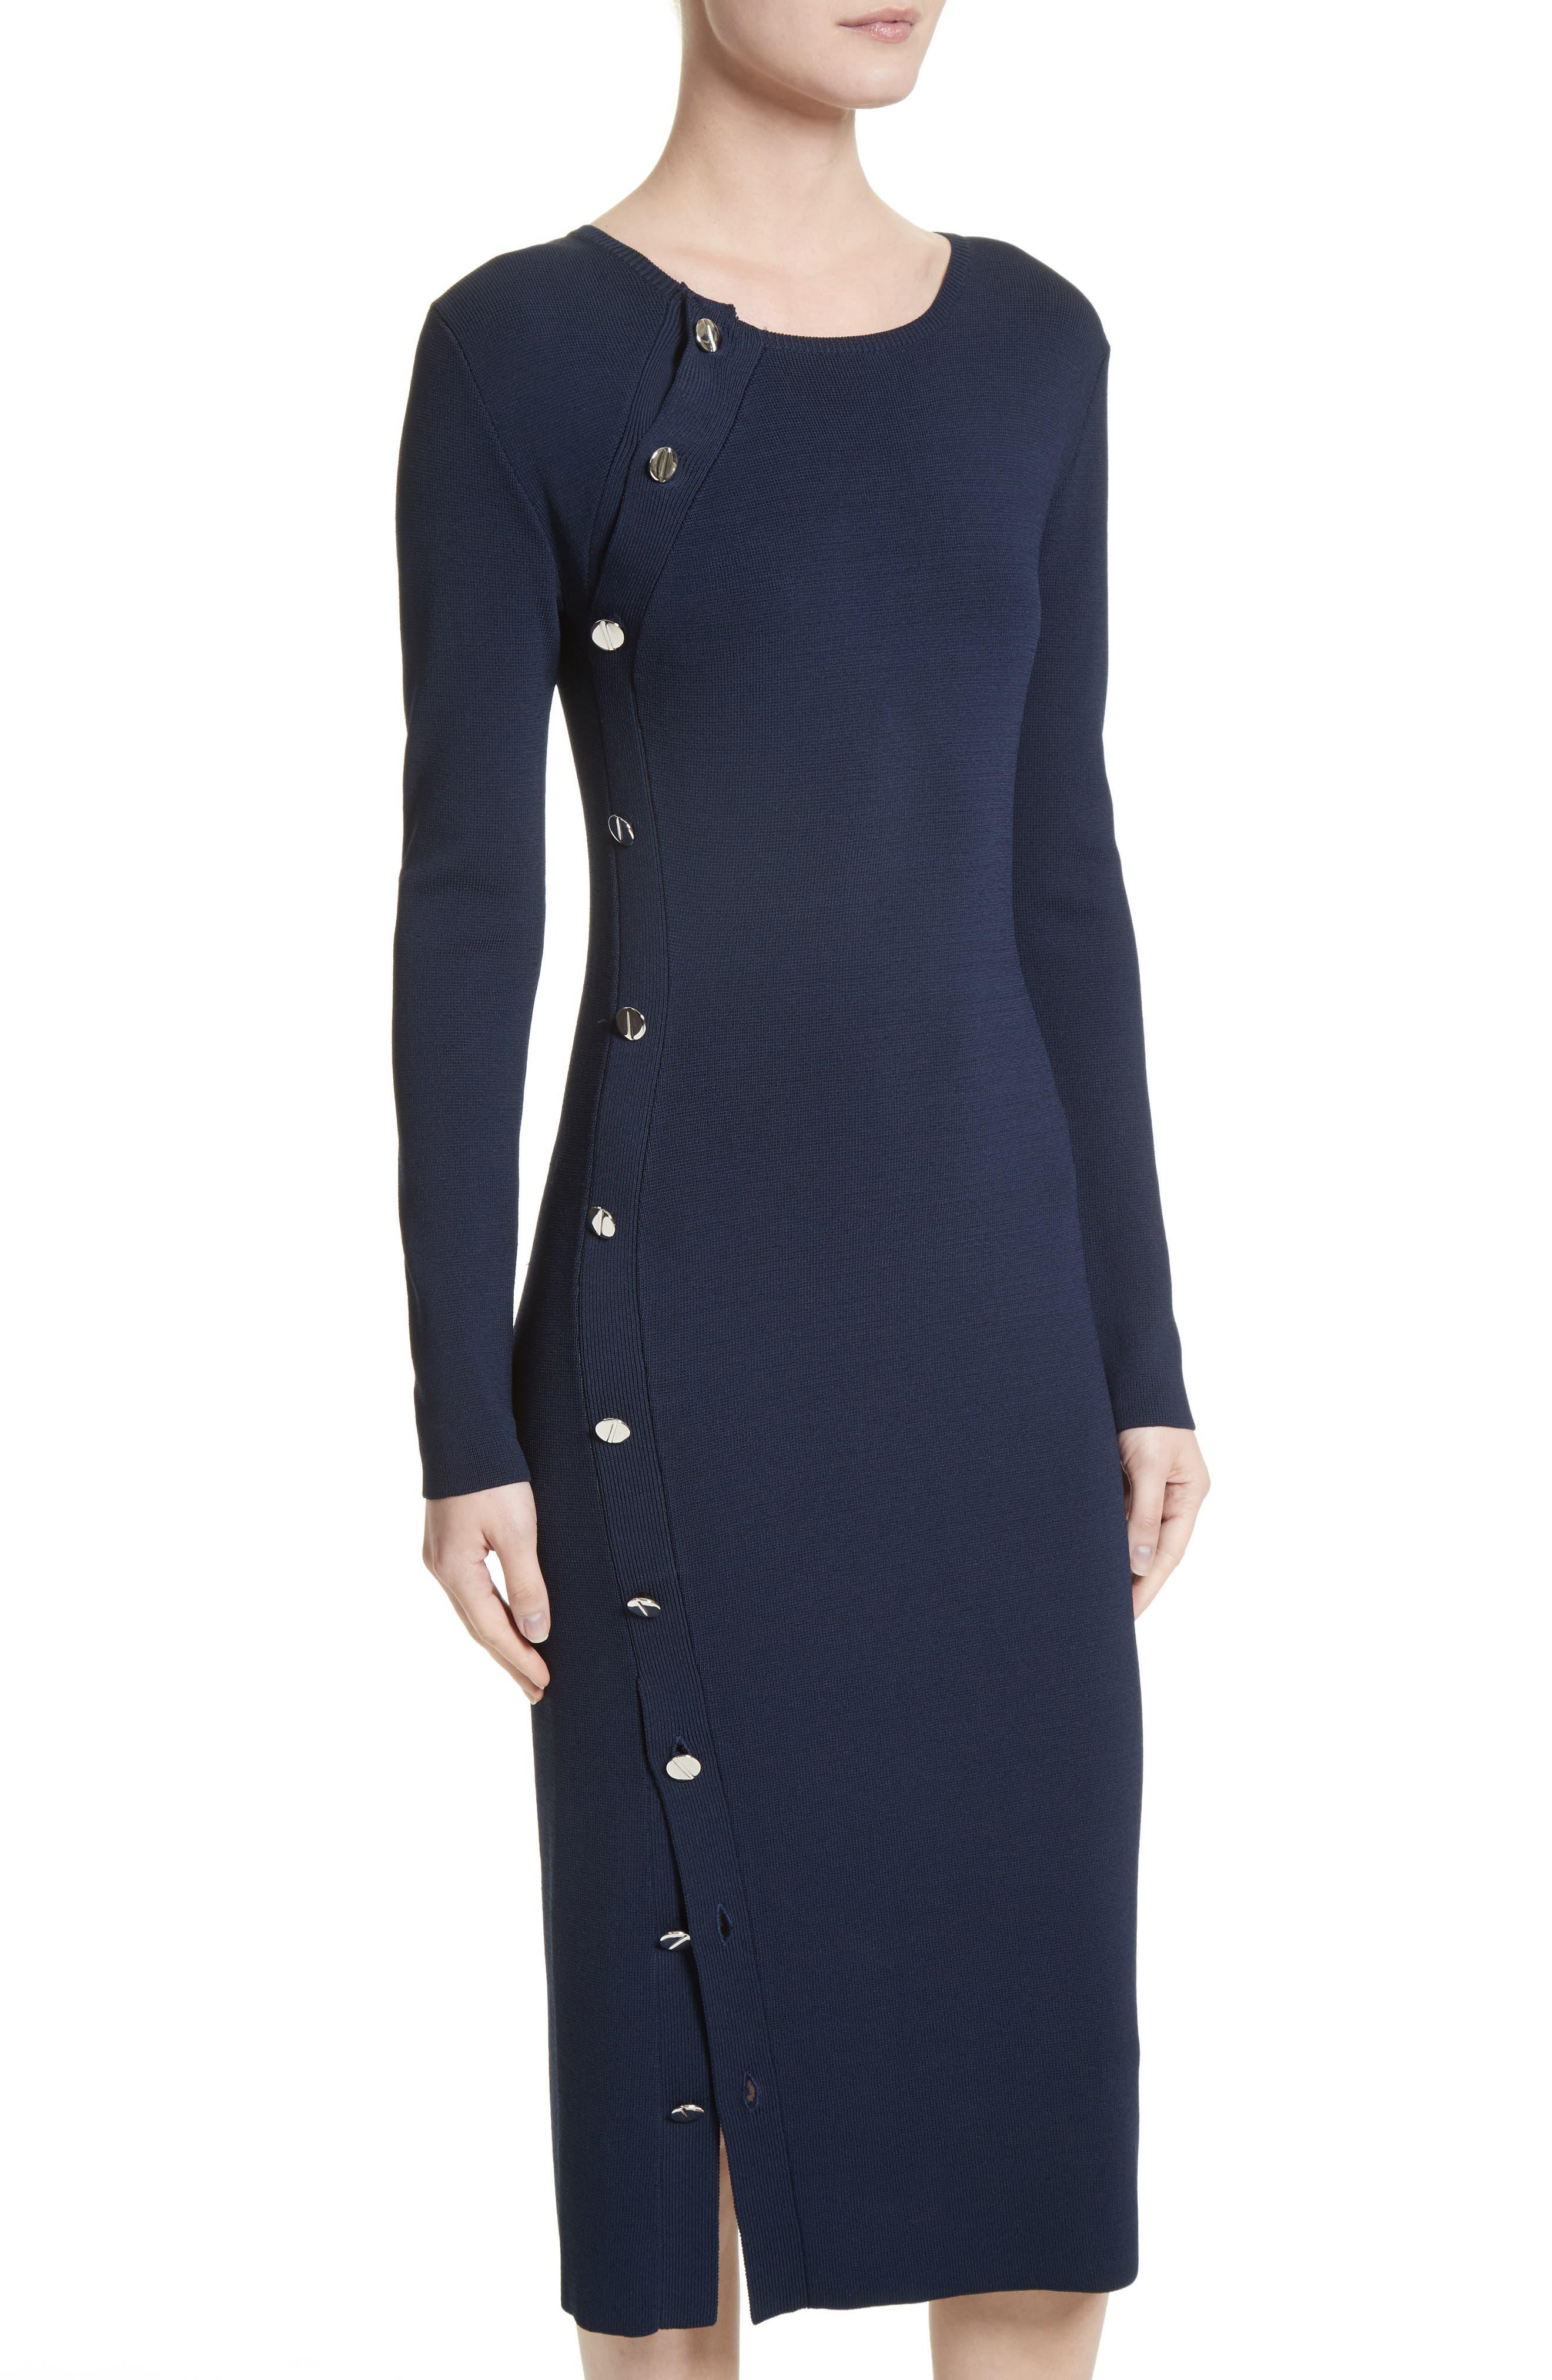 Button Detail Knit Dress,                             Alternate thumbnail 4, color,